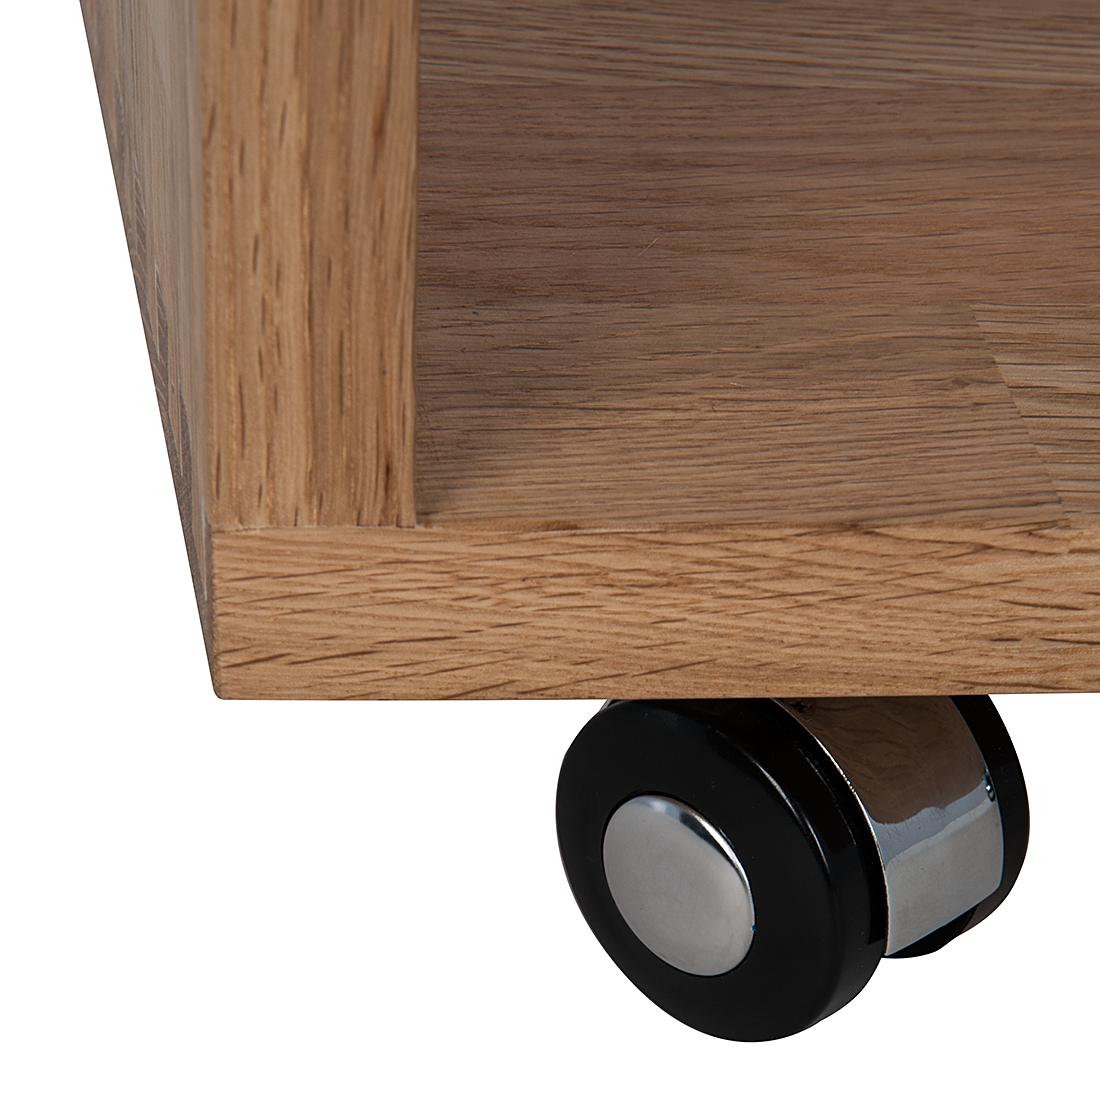 beistelltisch holz mit rollen beistelltisch mit rollen eiche holz. Black Bedroom Furniture Sets. Home Design Ideas